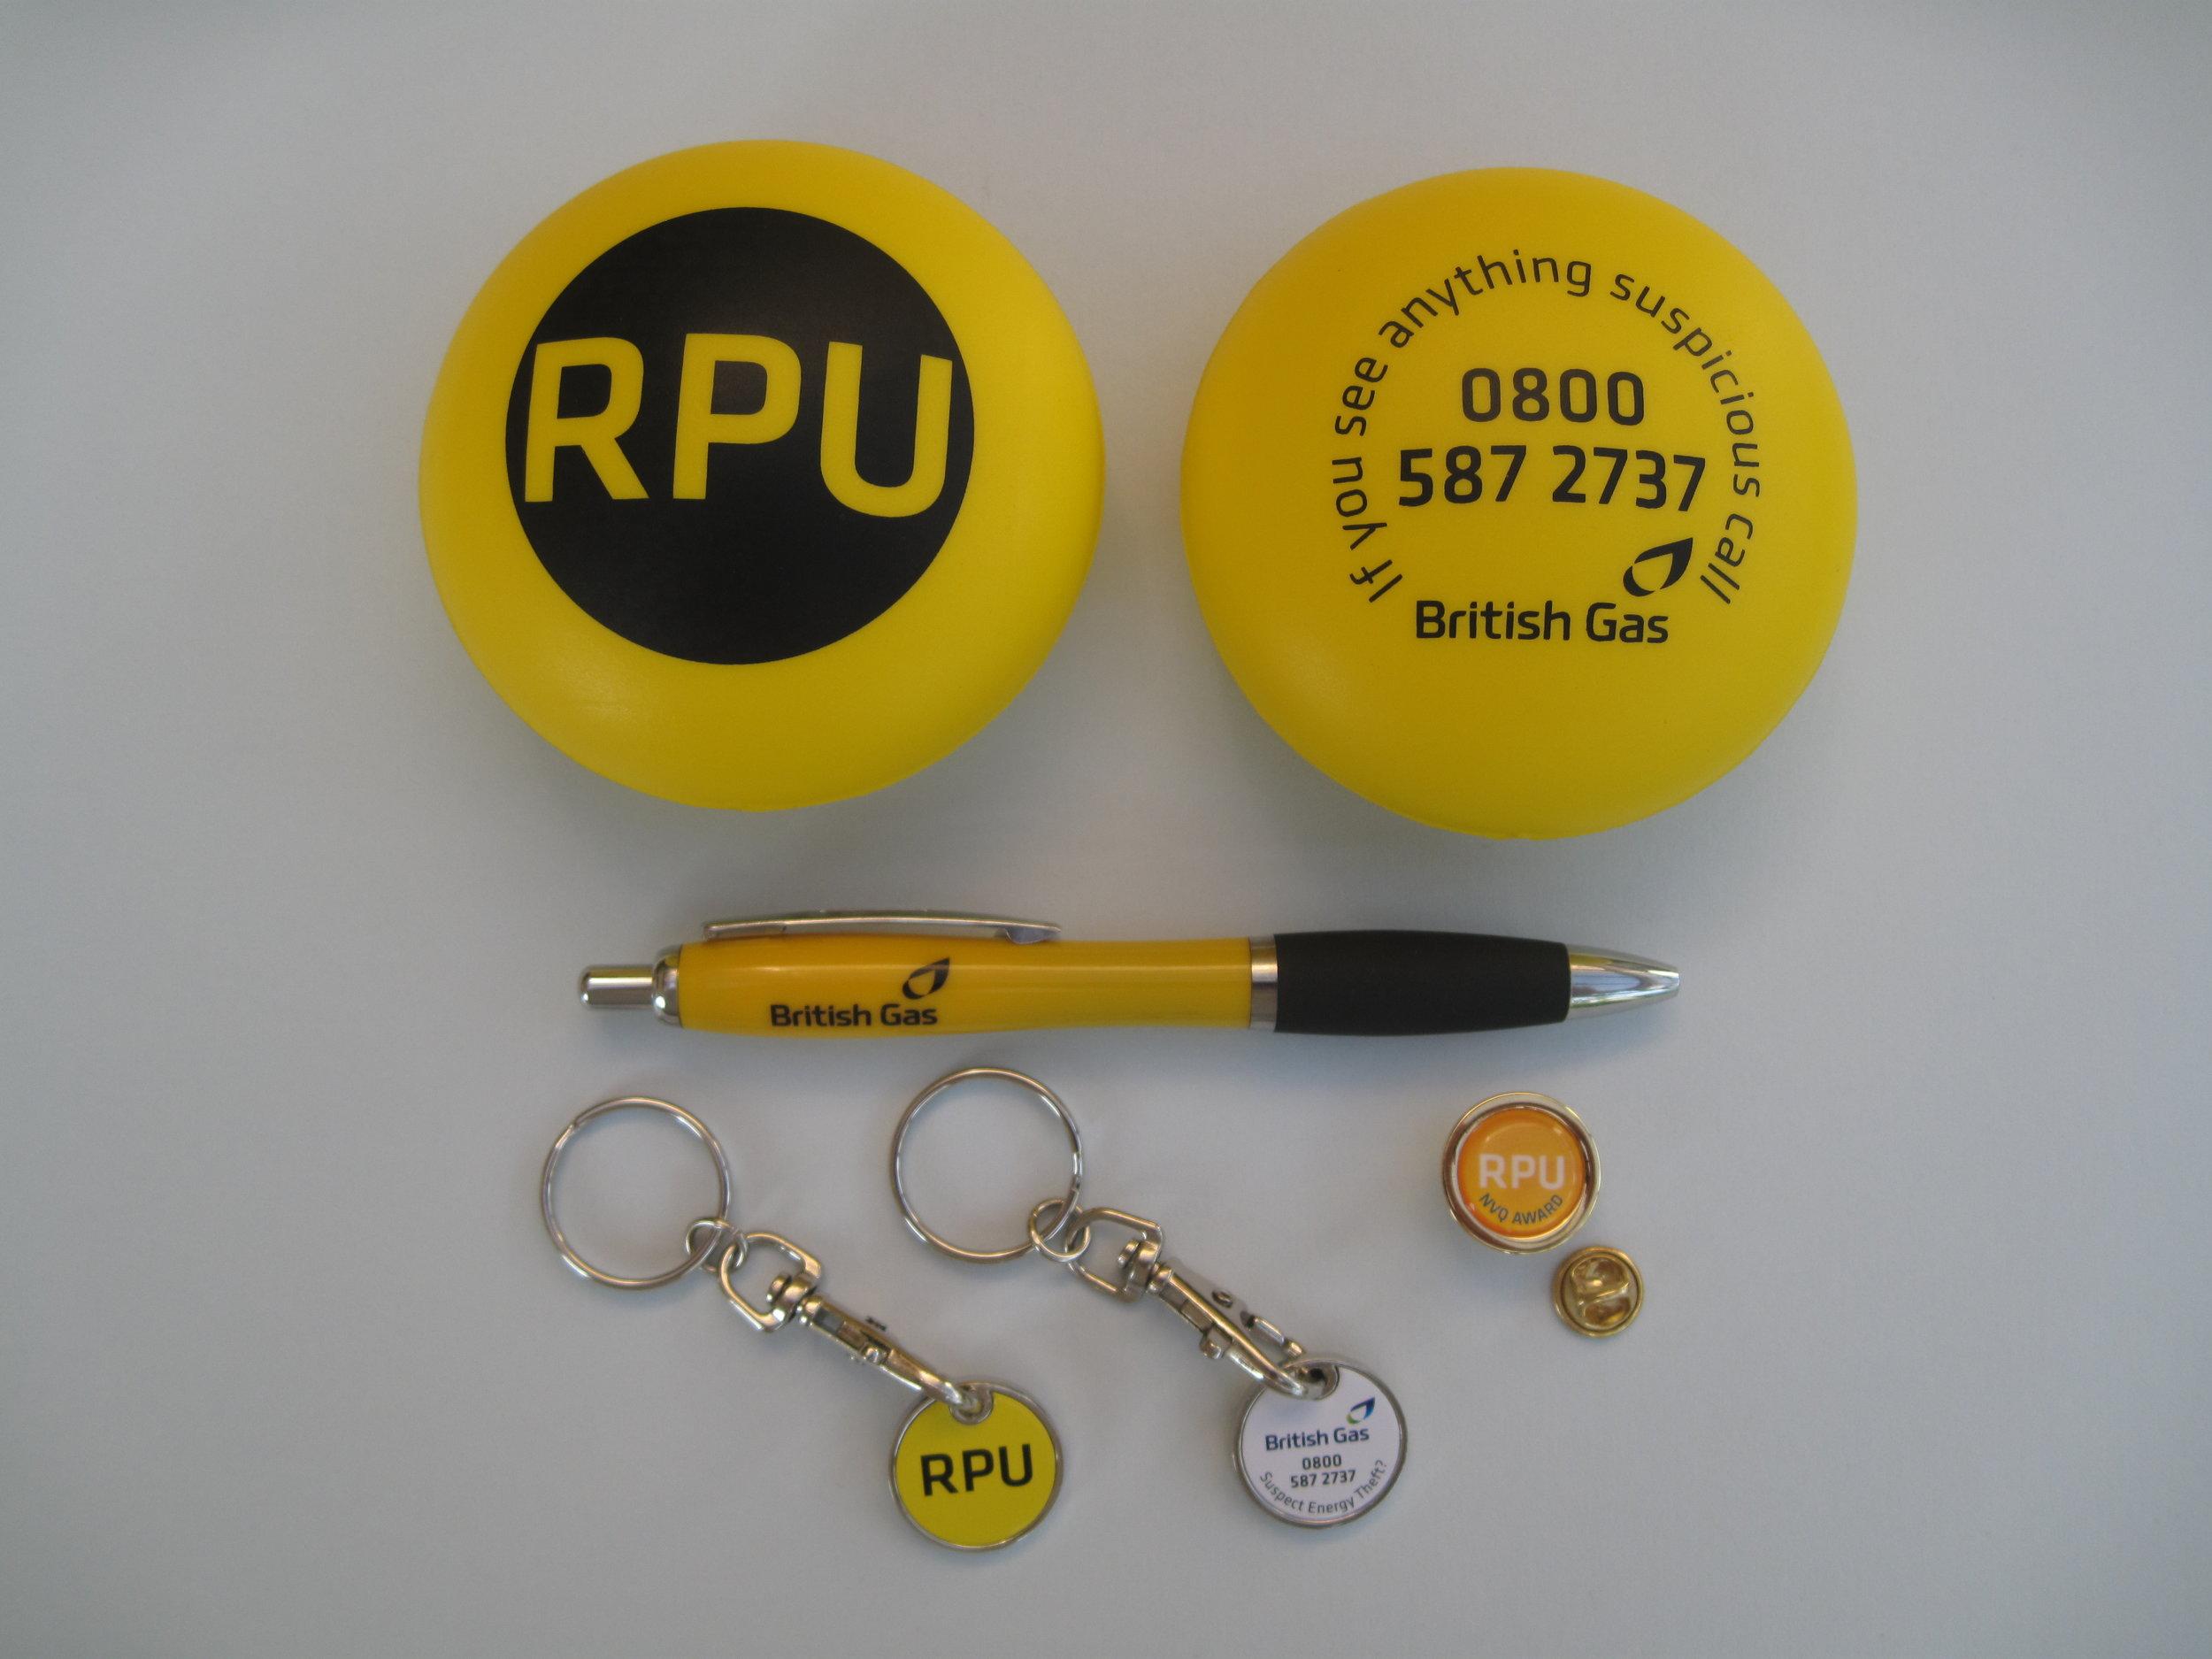 RPU STRESS PILL, KEYRINGS & PENS